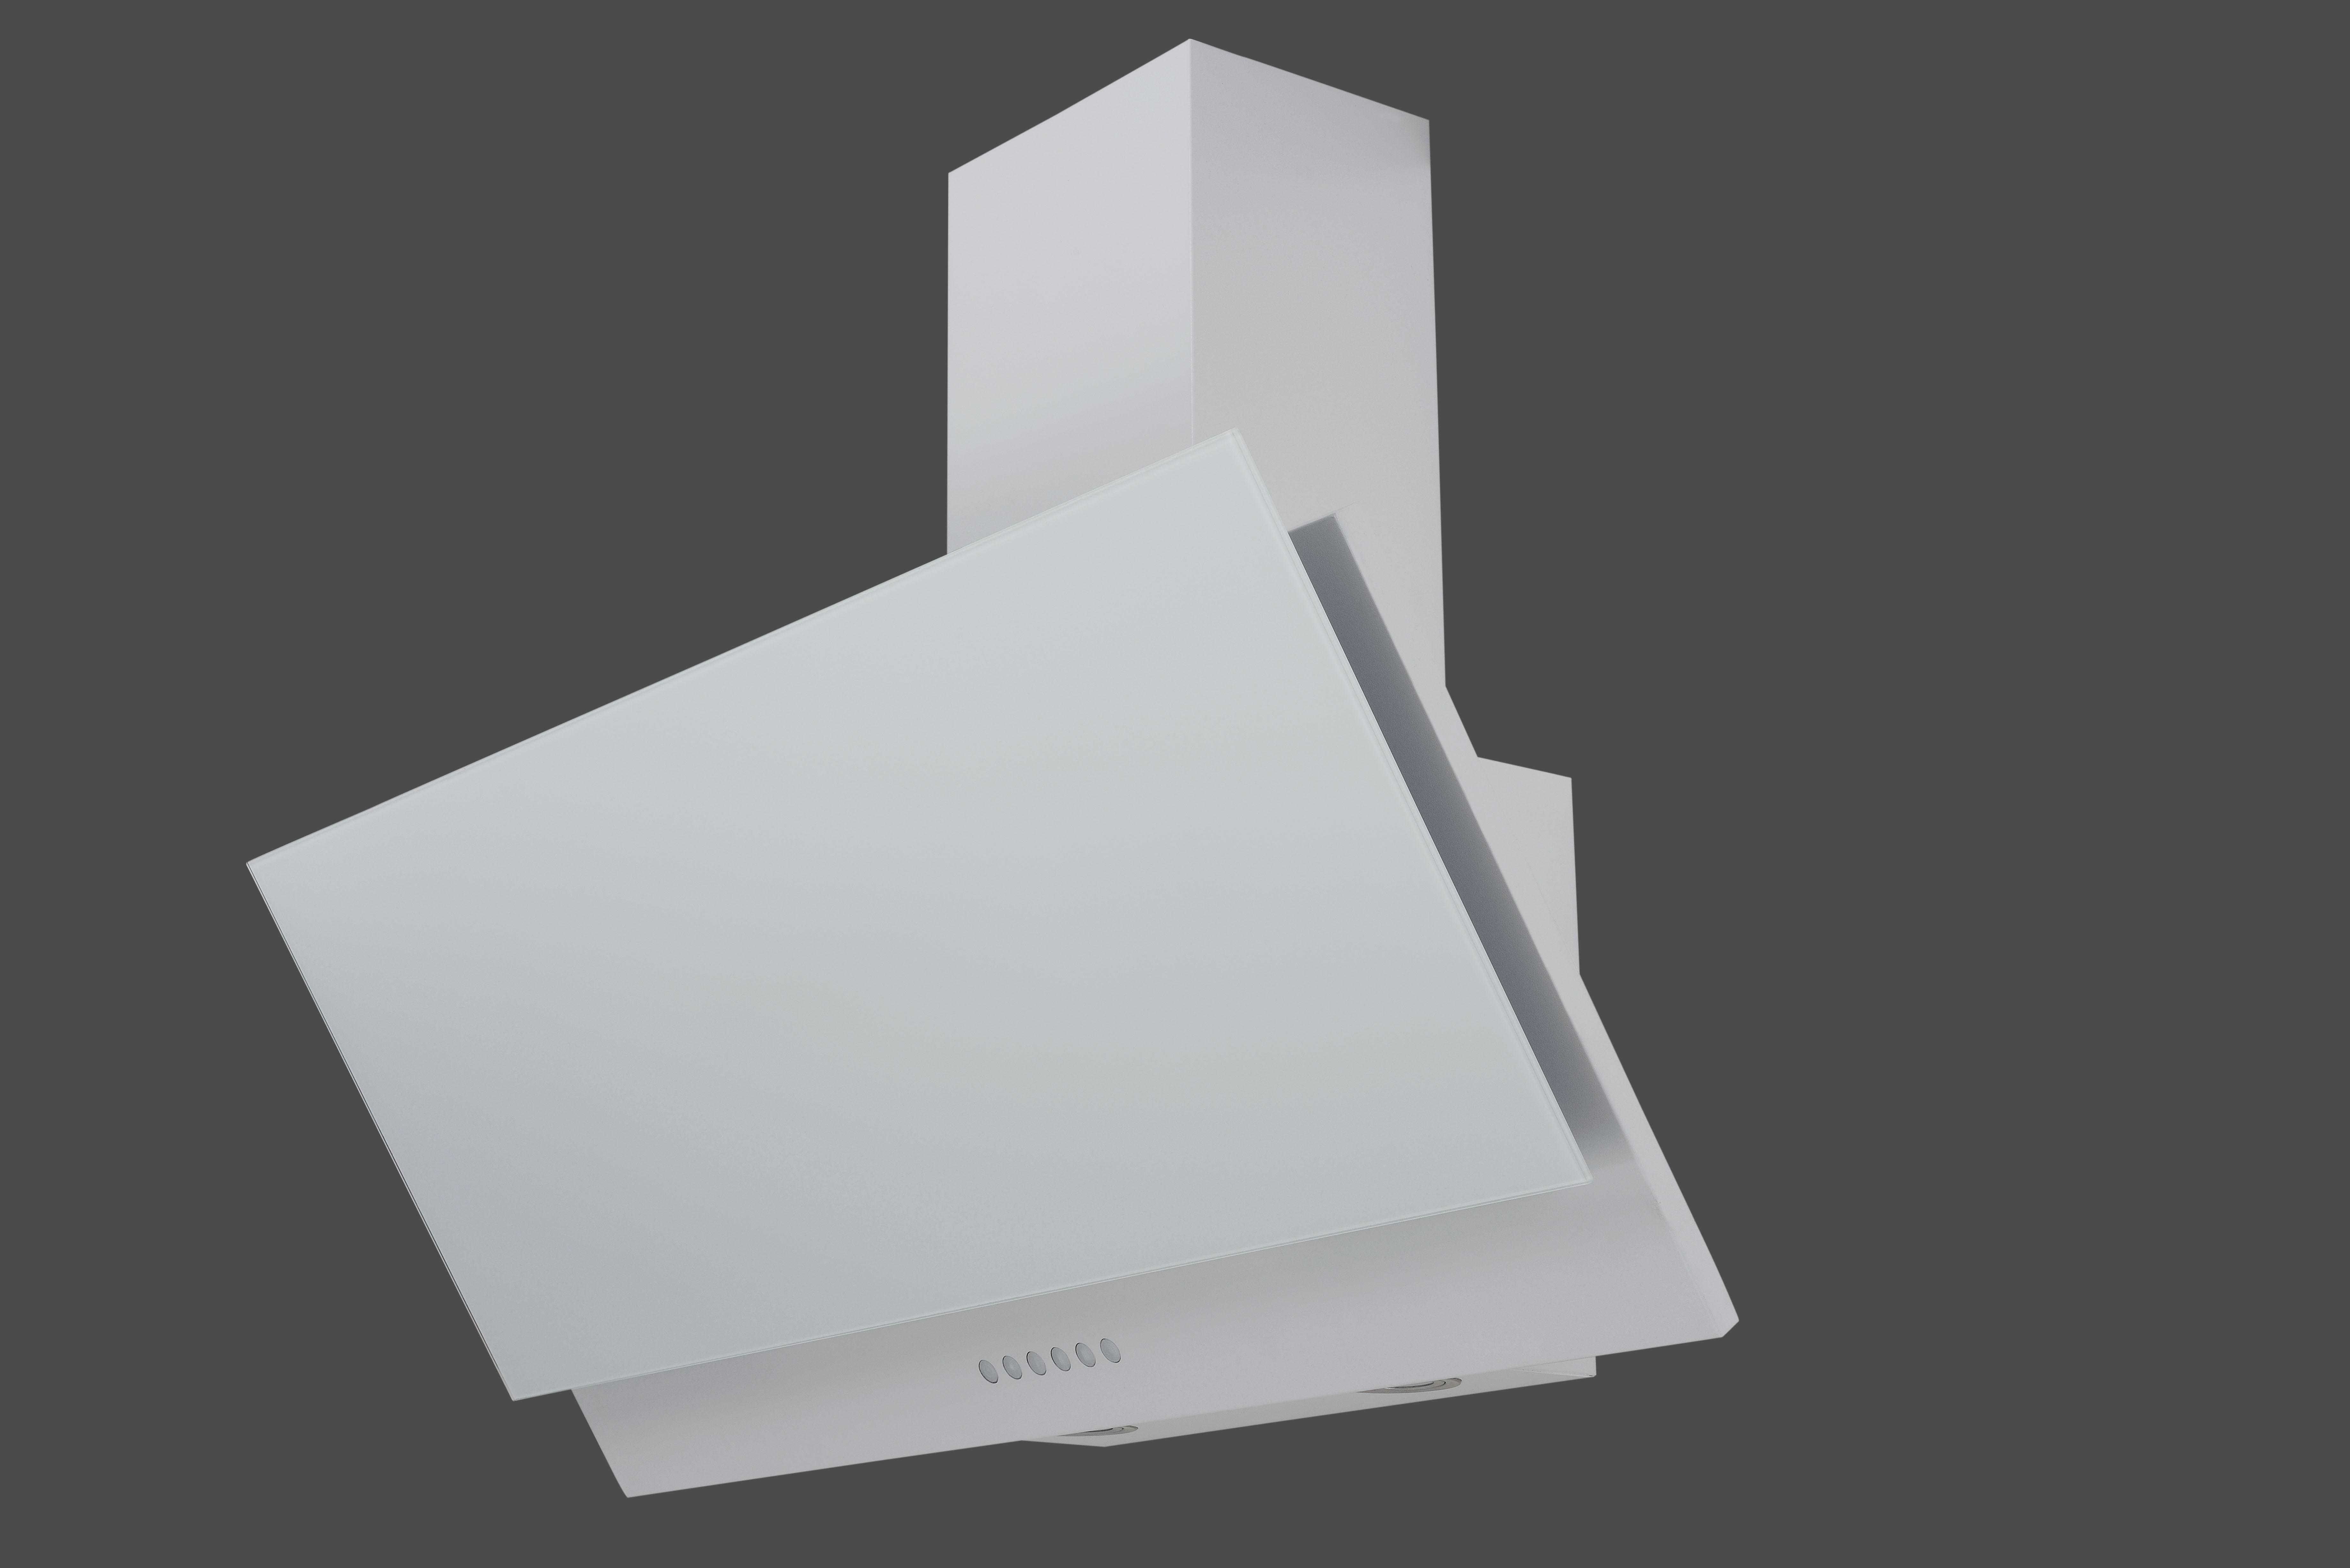 Dunstabzugshaube / Schräghaube Respekta CH 66038 90 W 90x41,8cm weiß Bild 1